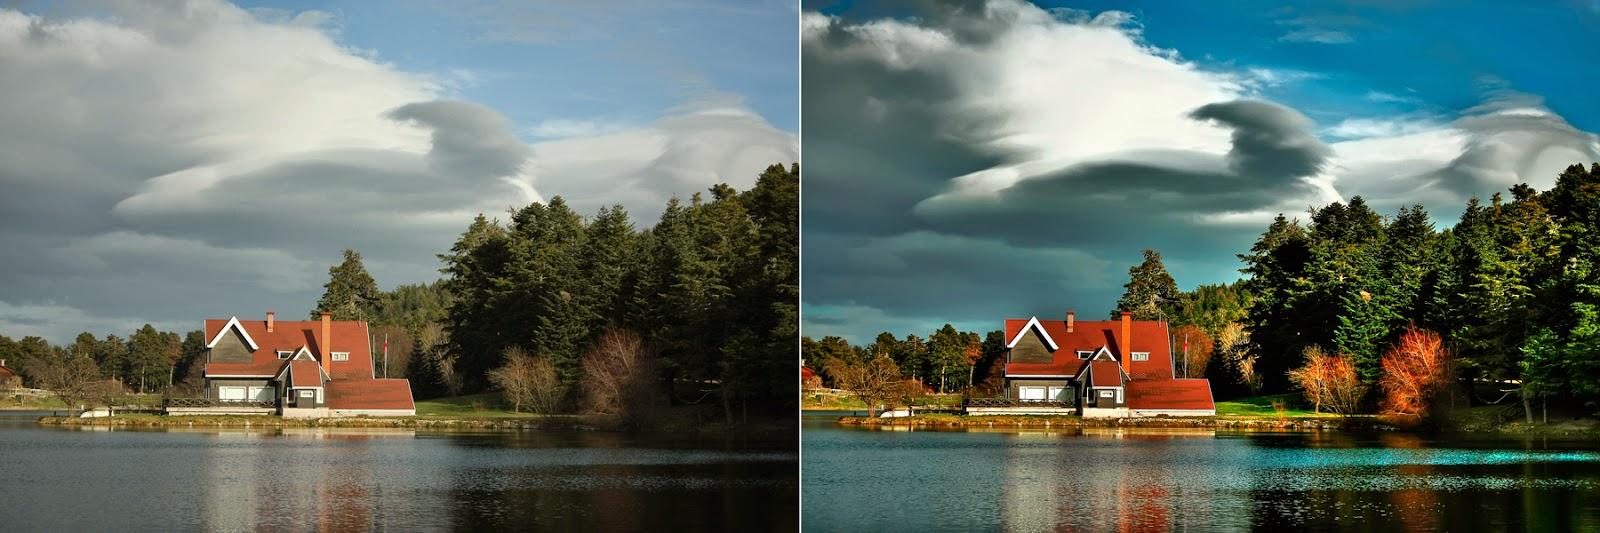 En İyi Fotoğraf Düzenleme Programı Hangisidir?